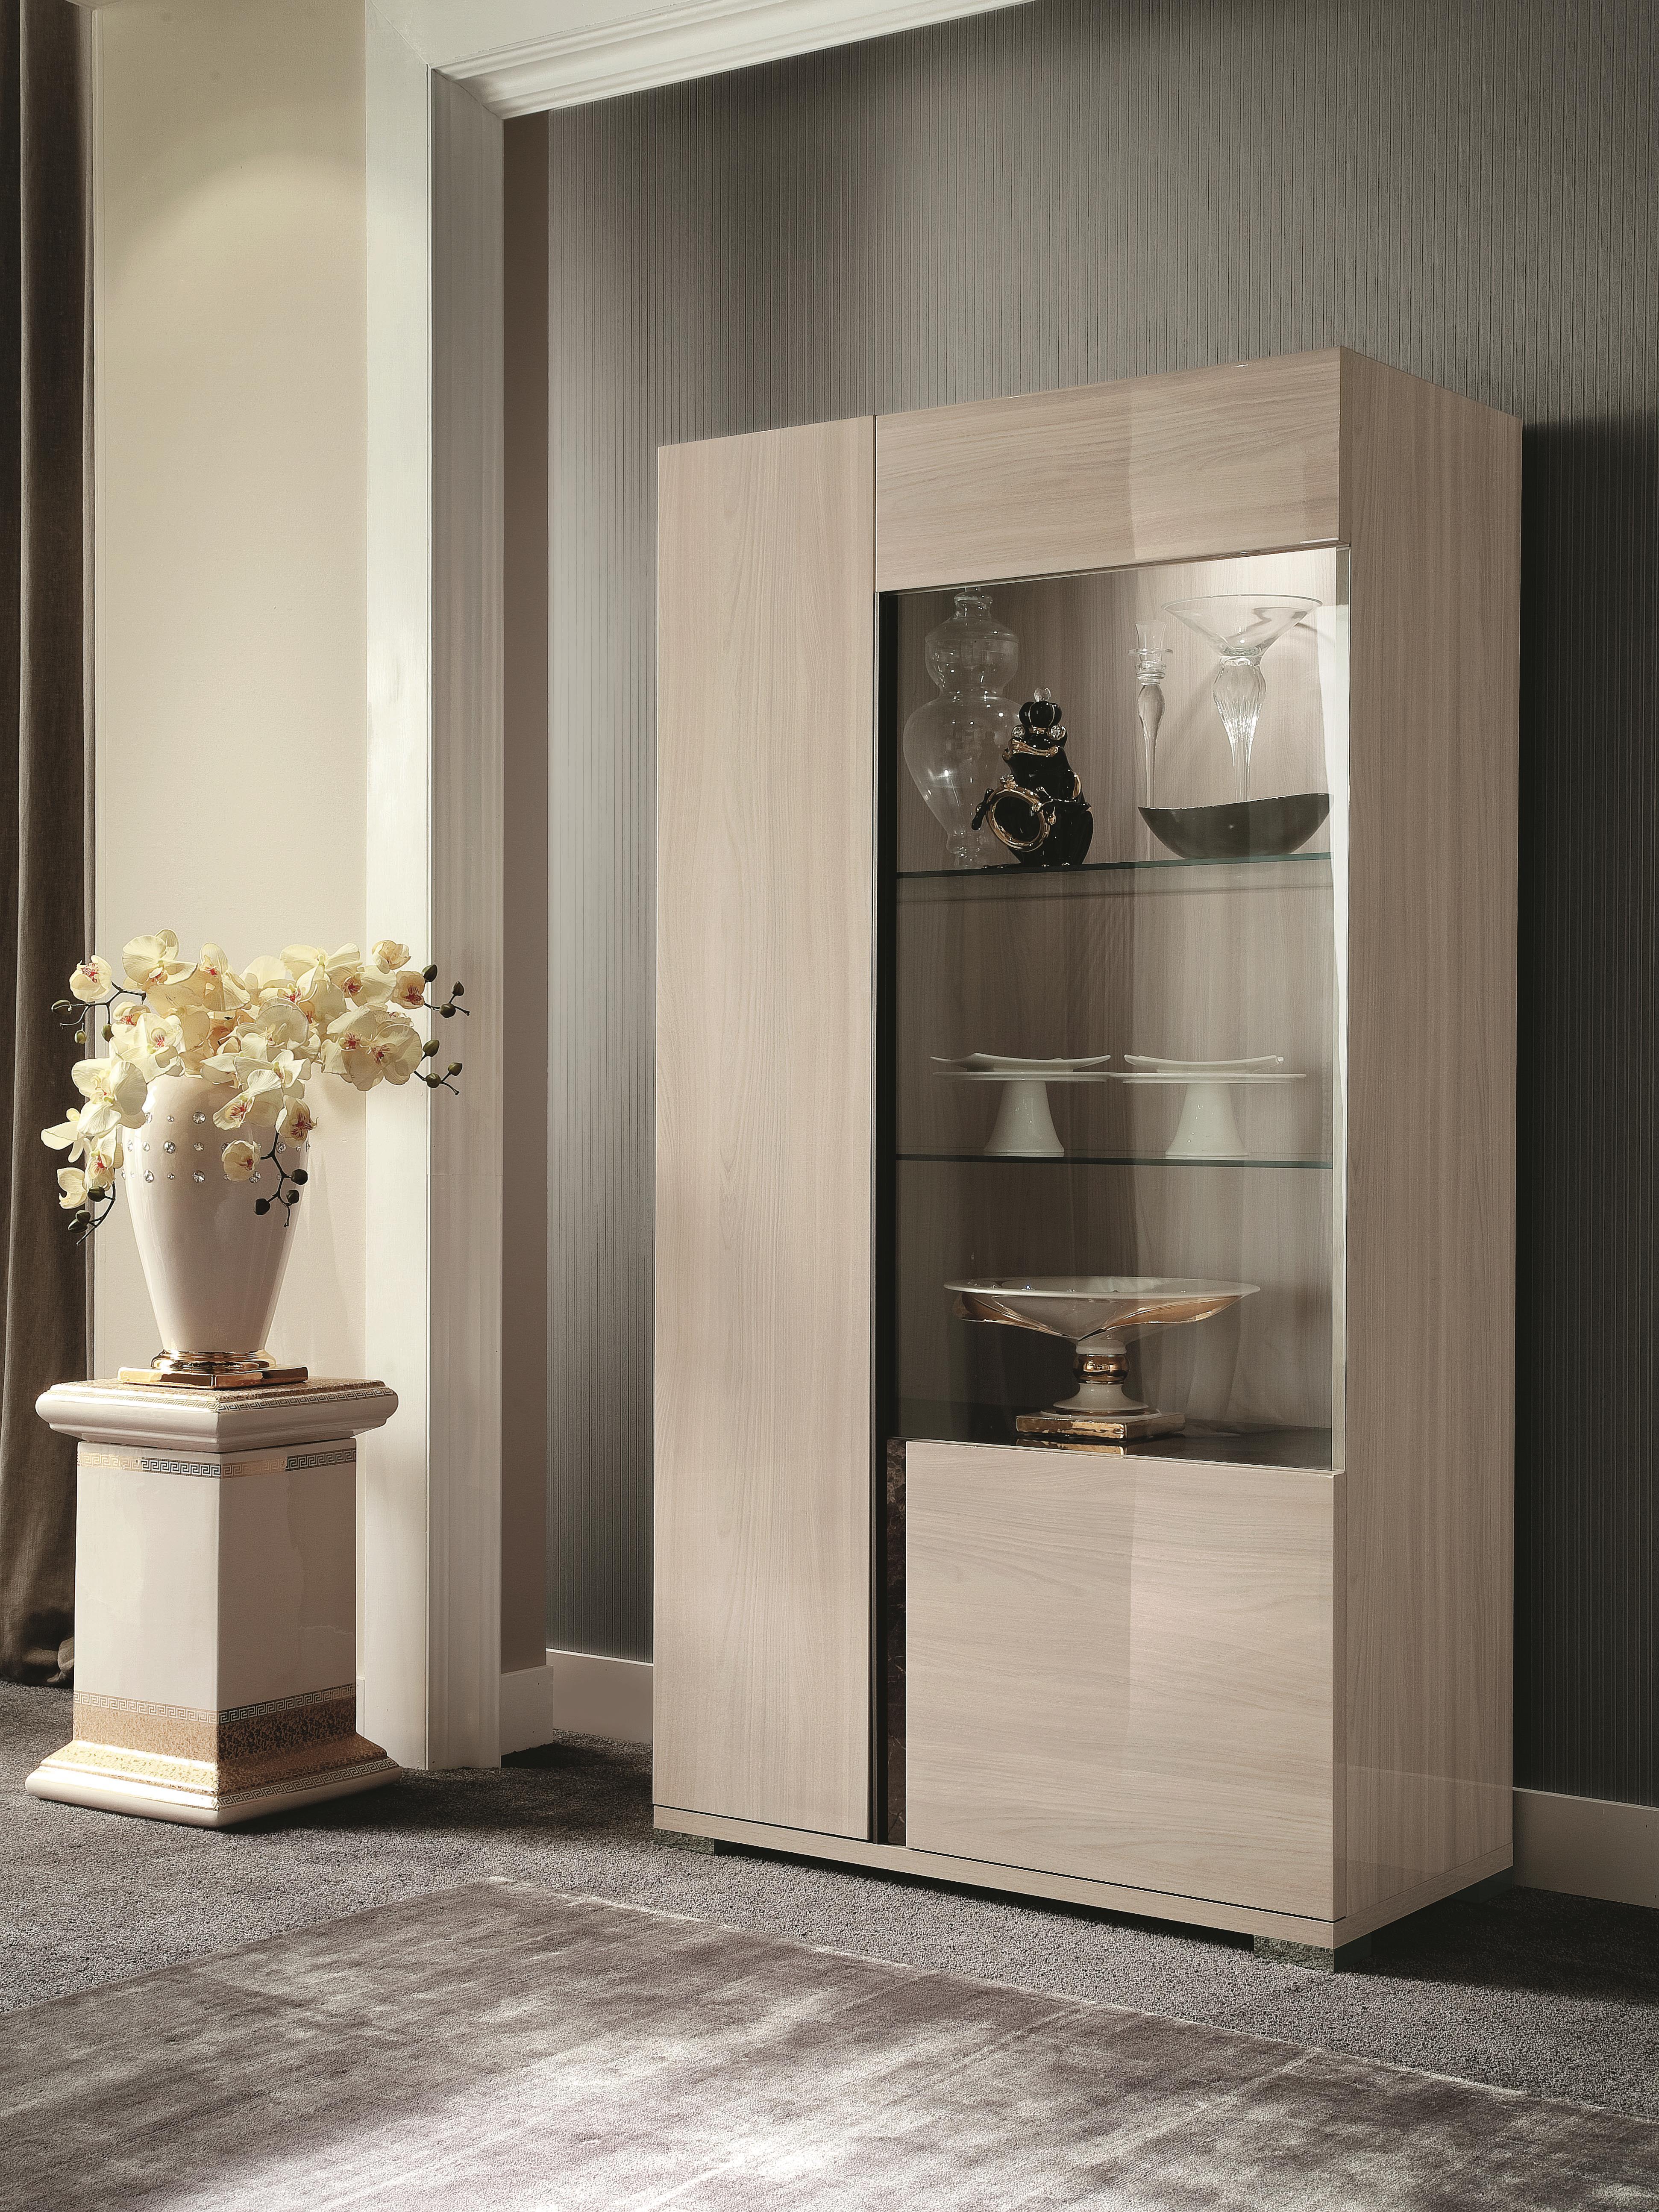 Alf Italia Teodora Curio Cabinet - Item Number: PJTEO600 Teodora